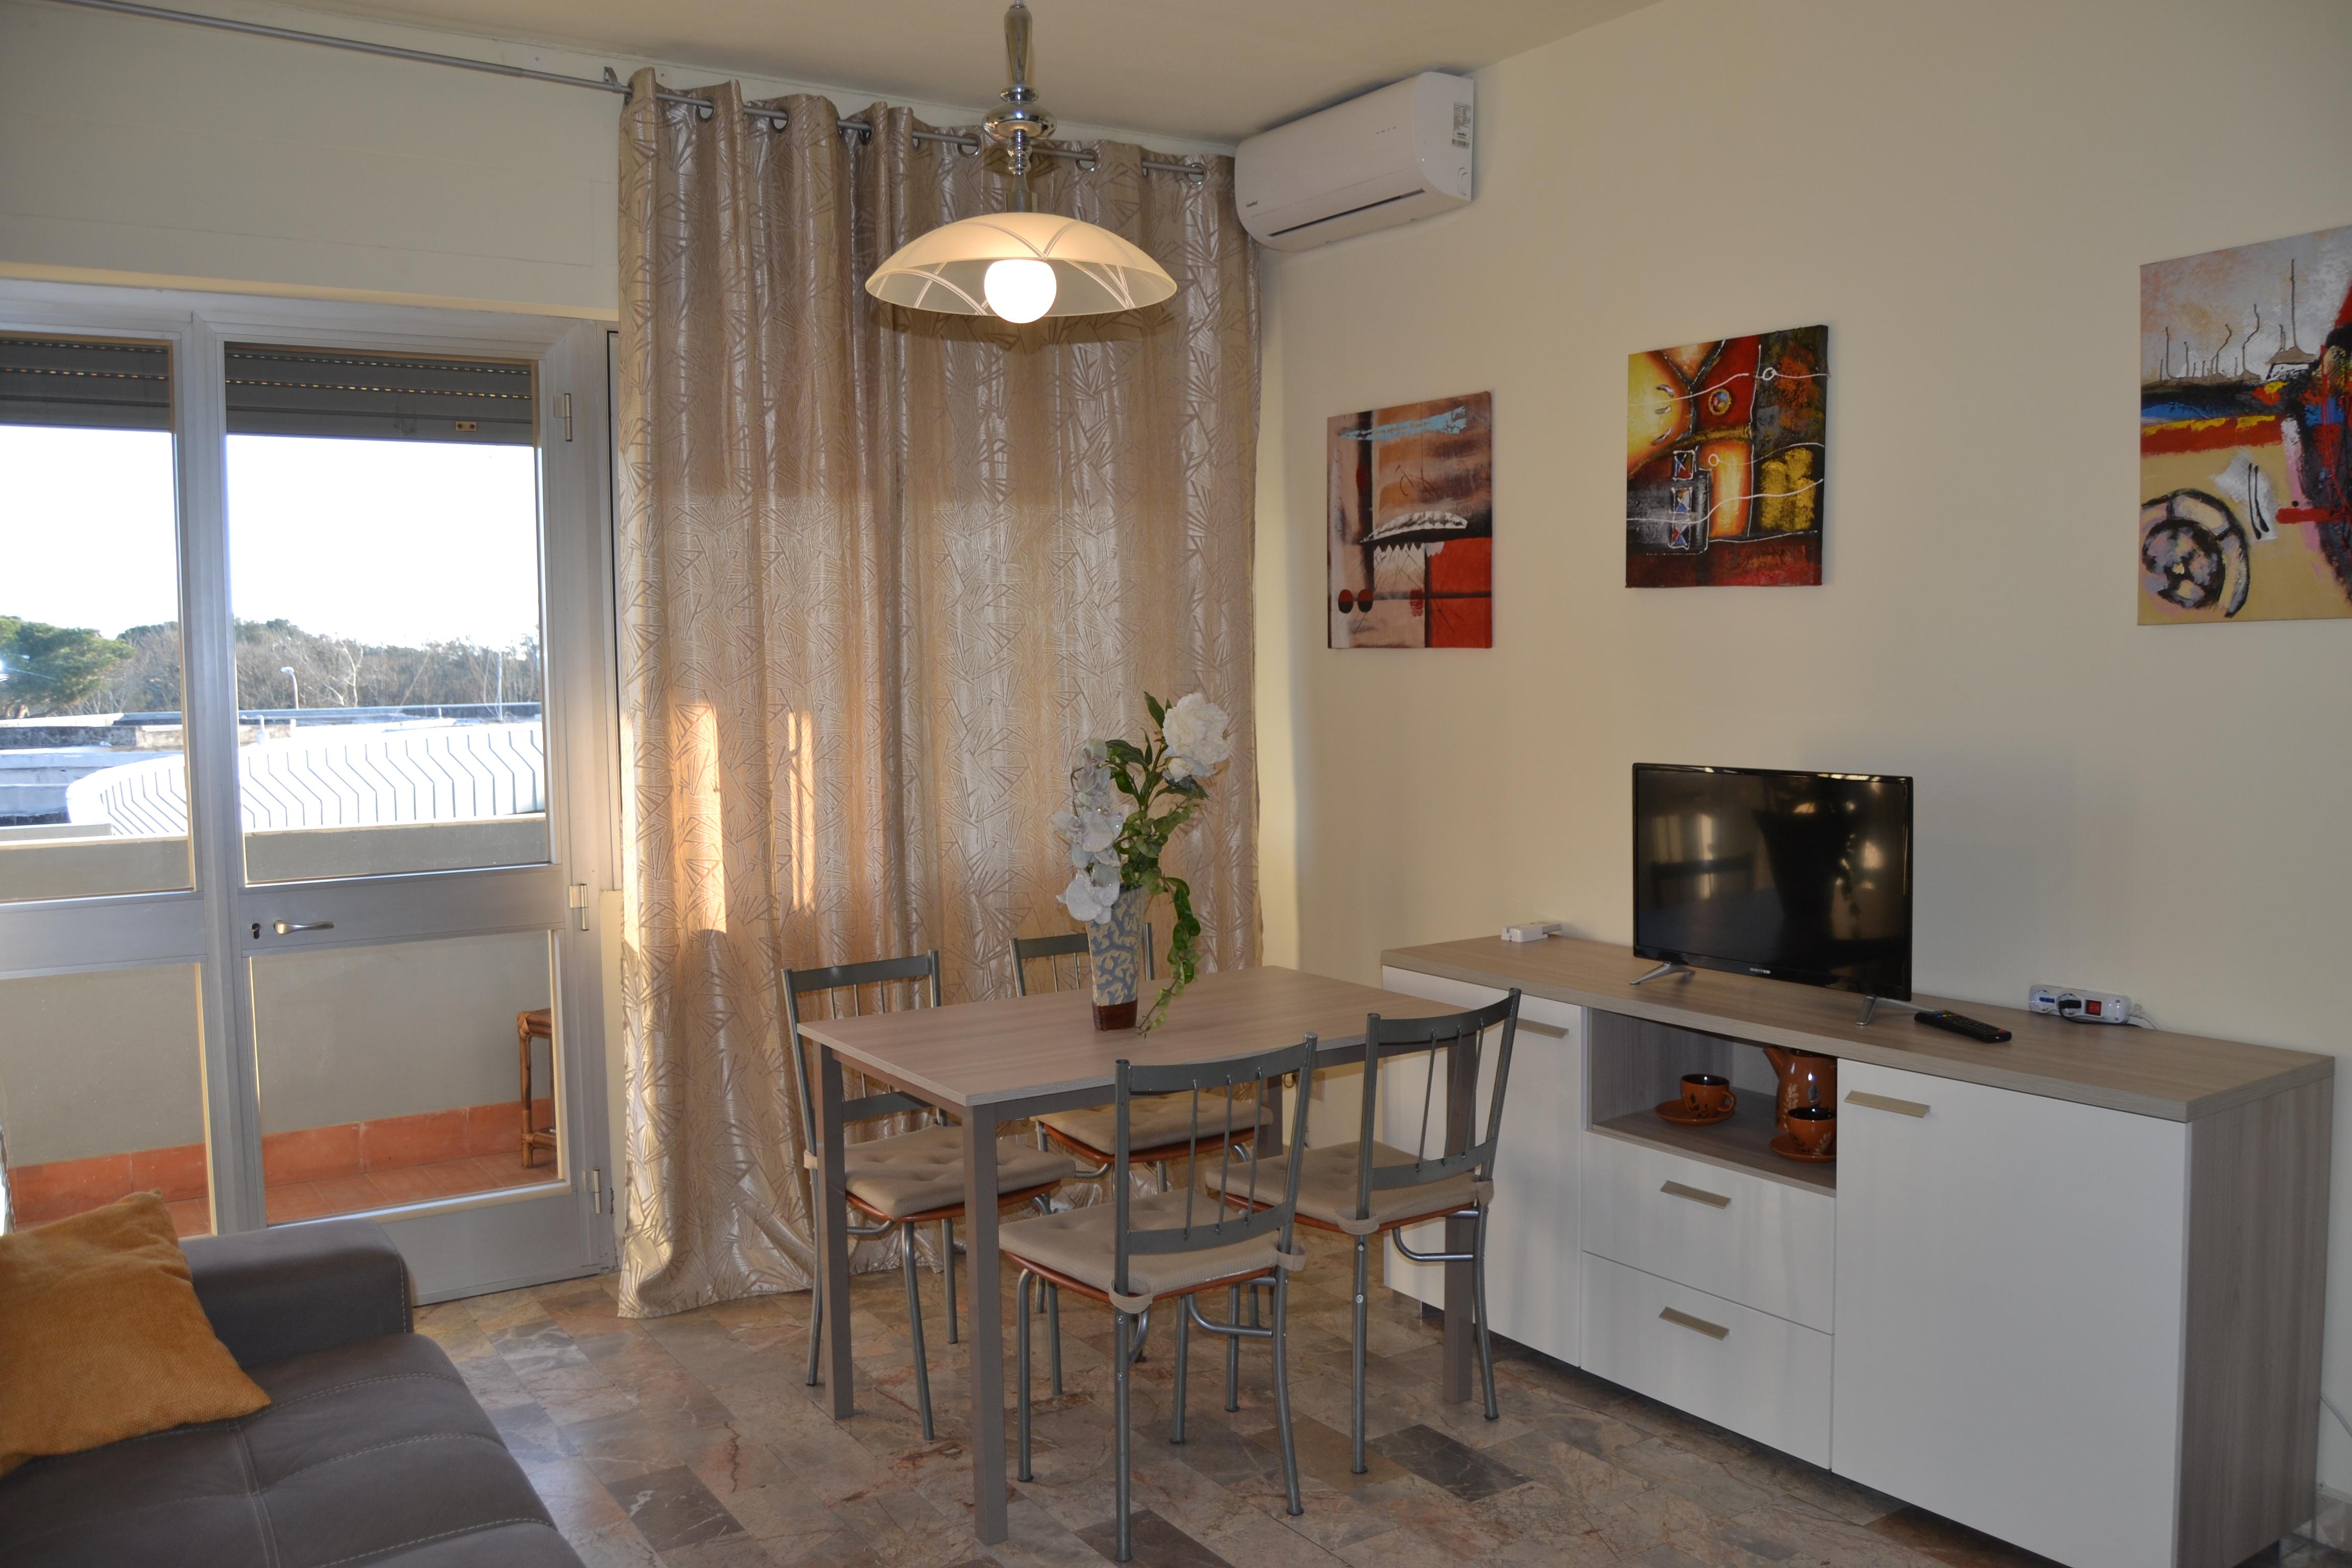 Appartamento con balcone vacanze a Tirrenia. Rif.A.21